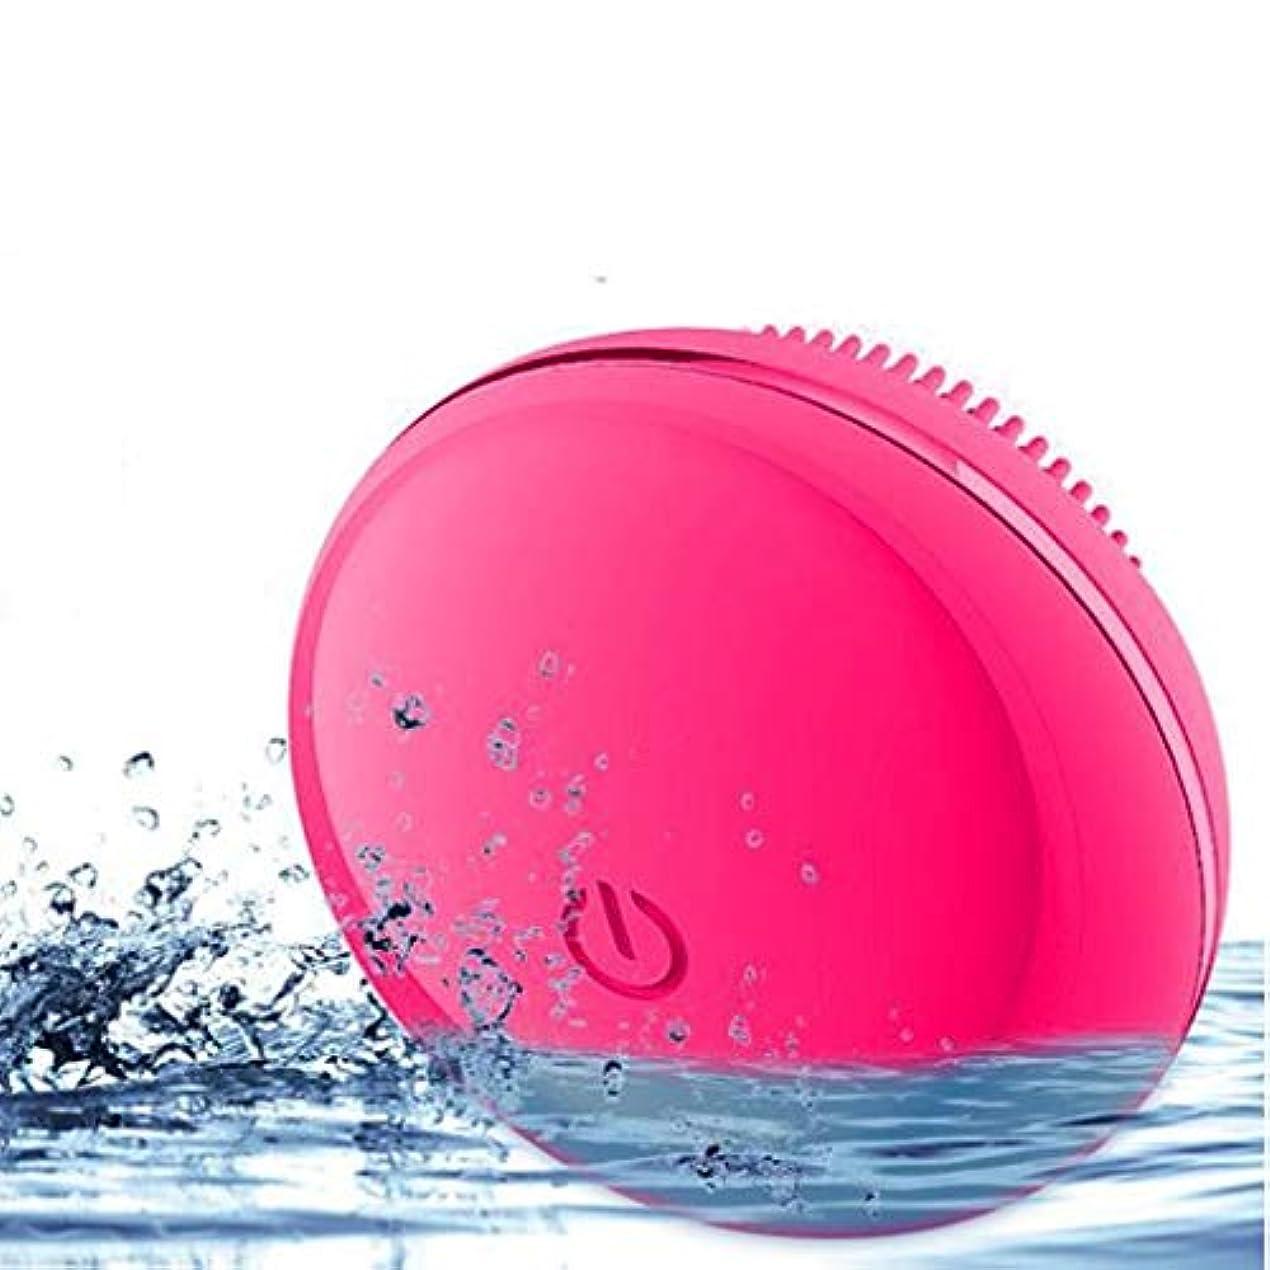 口フォージ反響するソニックバイブレーションフェイシャルクレンジングブラシ、電動ポータブルディープクレンジングブラシポアクリーナーは、しわ美容ツールを減らして肌を若返らせます (Color : Red)